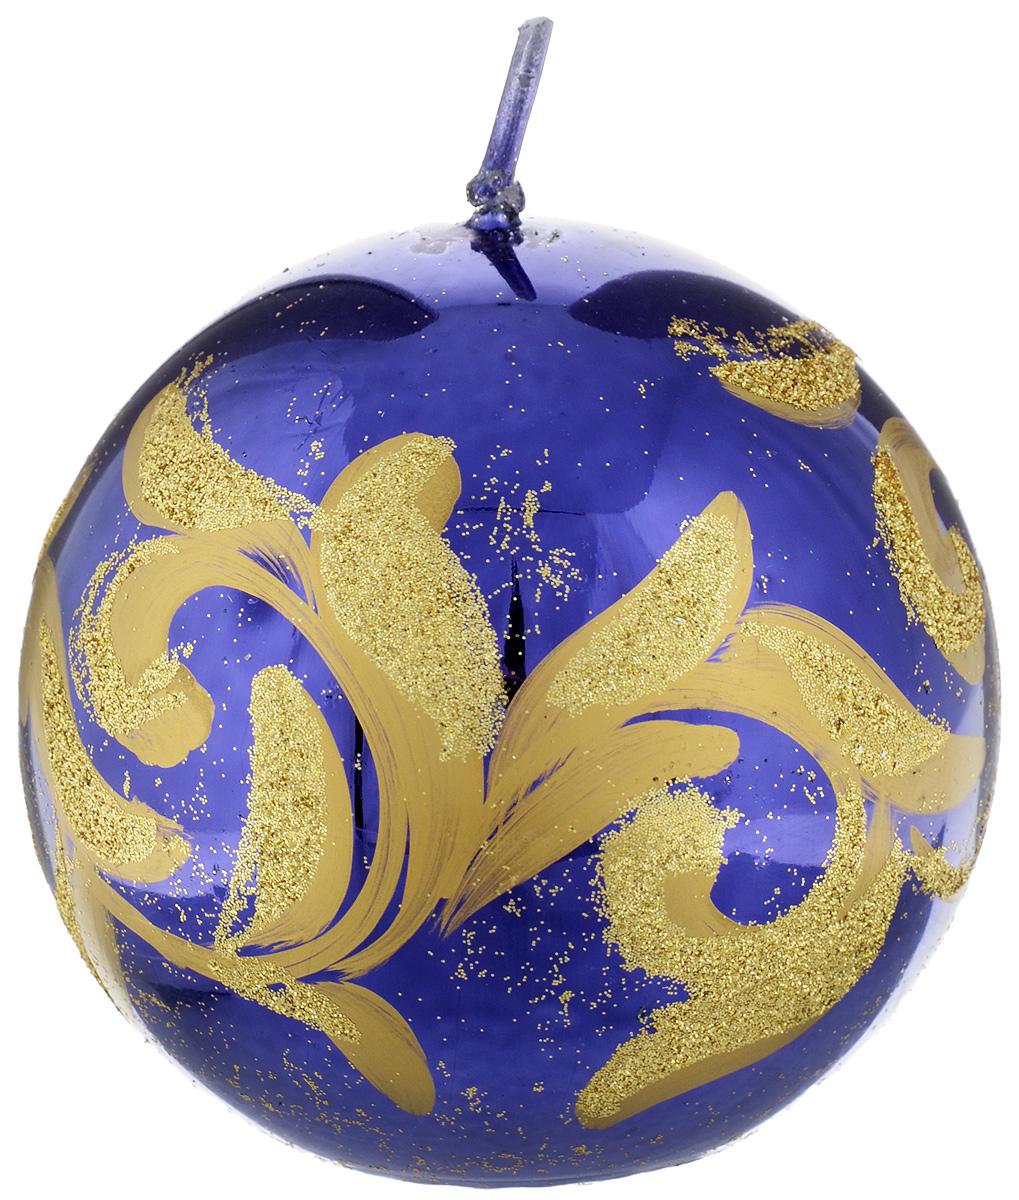 """Фото Свеча-шар Fem """"Флоренция"""", цвет: фиолетовый, золотой, диаметр 9 см. Купить  в РФ"""